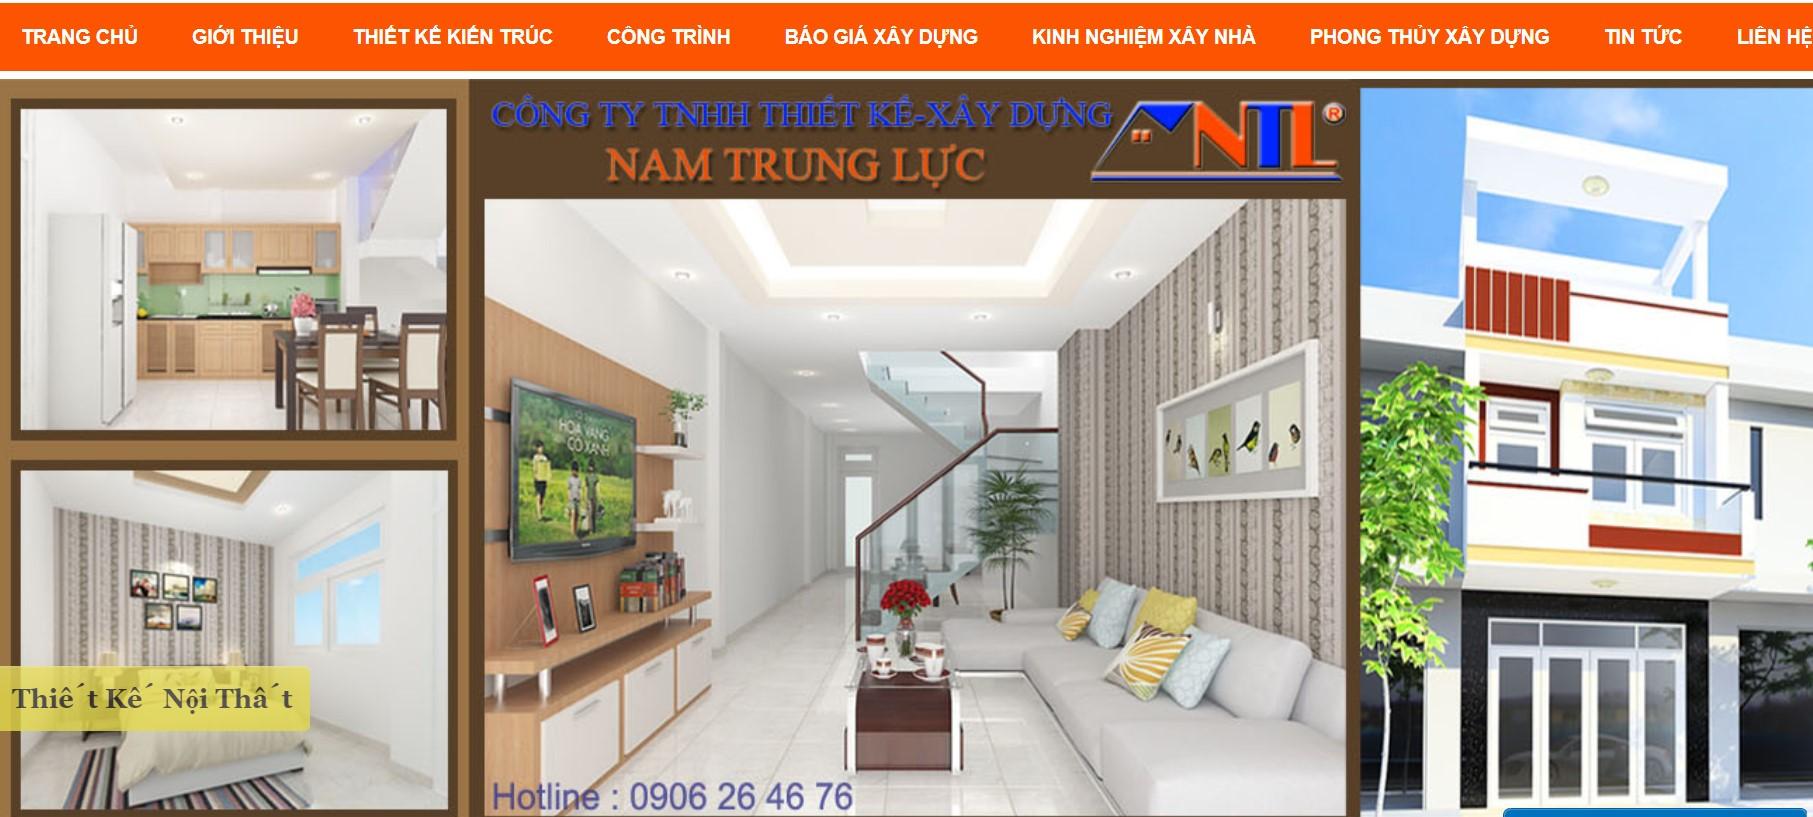 Công ty thiết kế nhà Nam Trung Lực